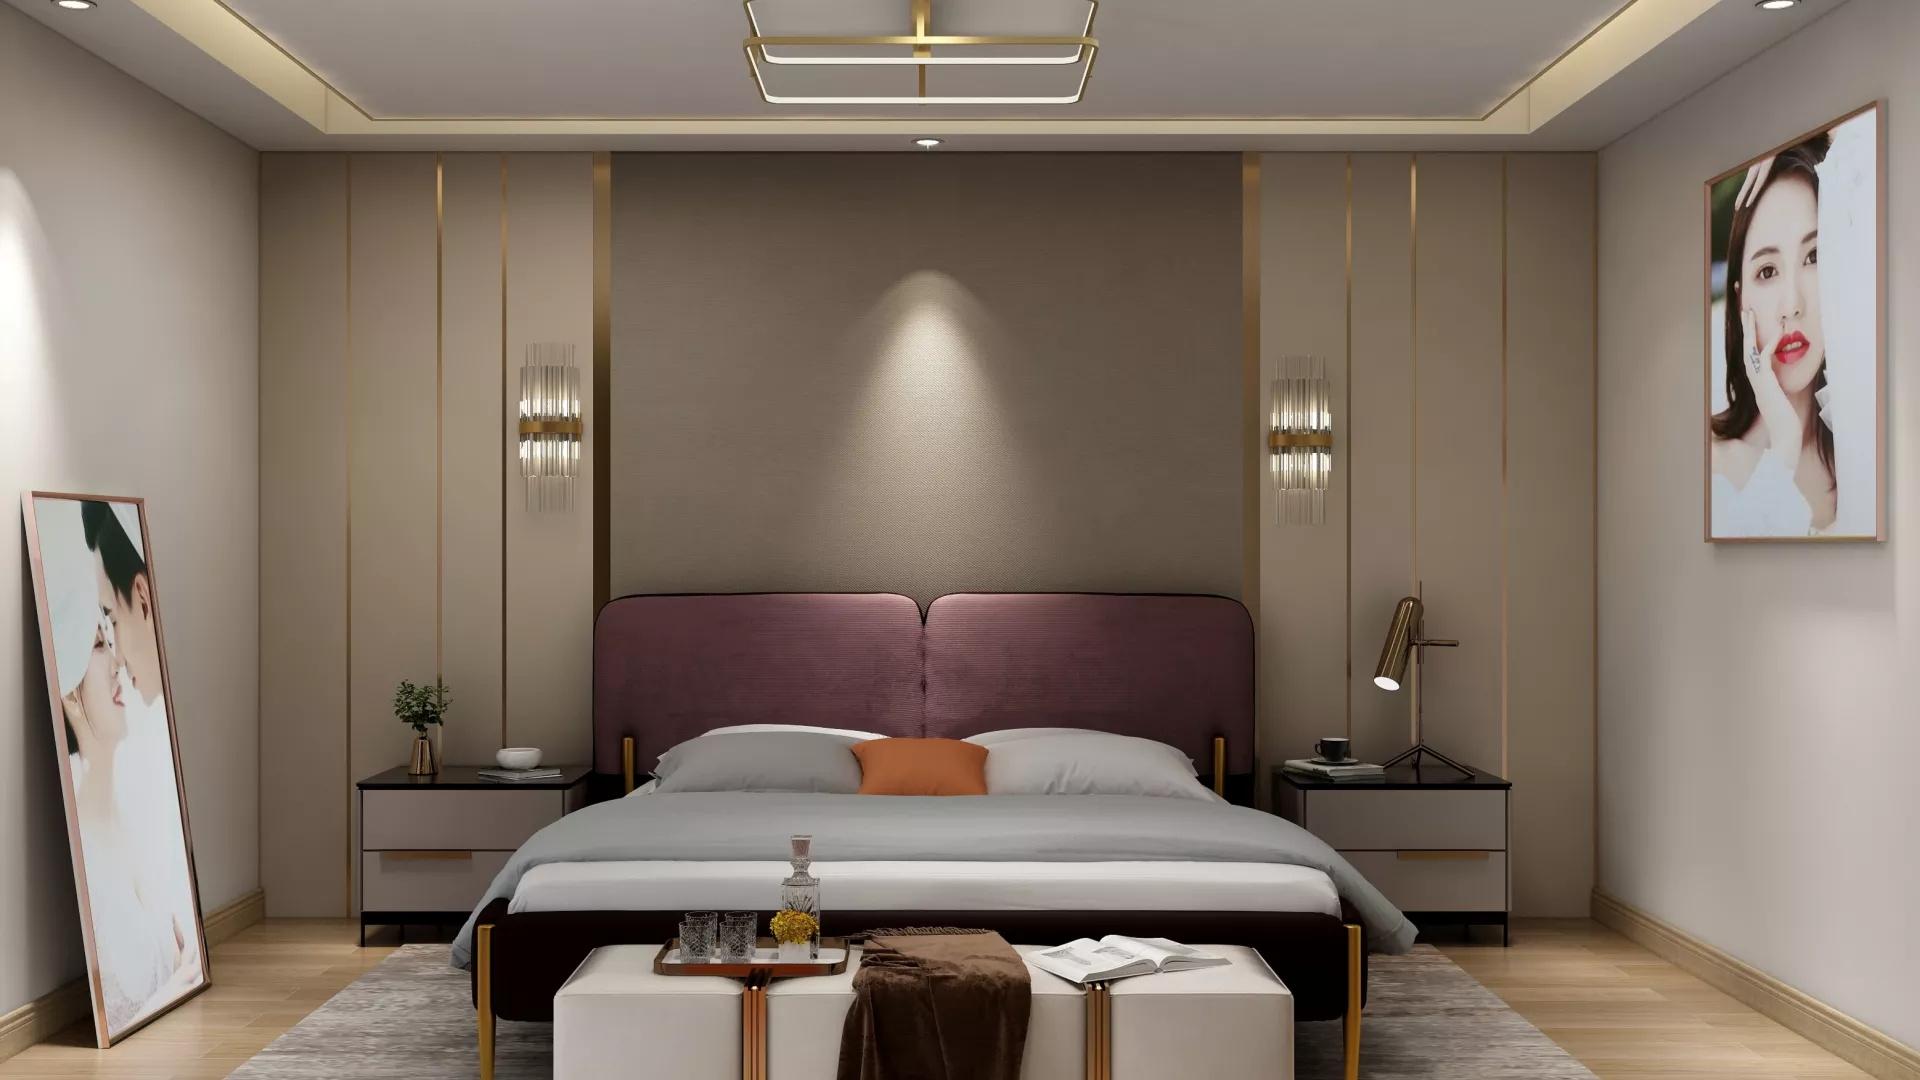 日式和风二居室设计装修效果图